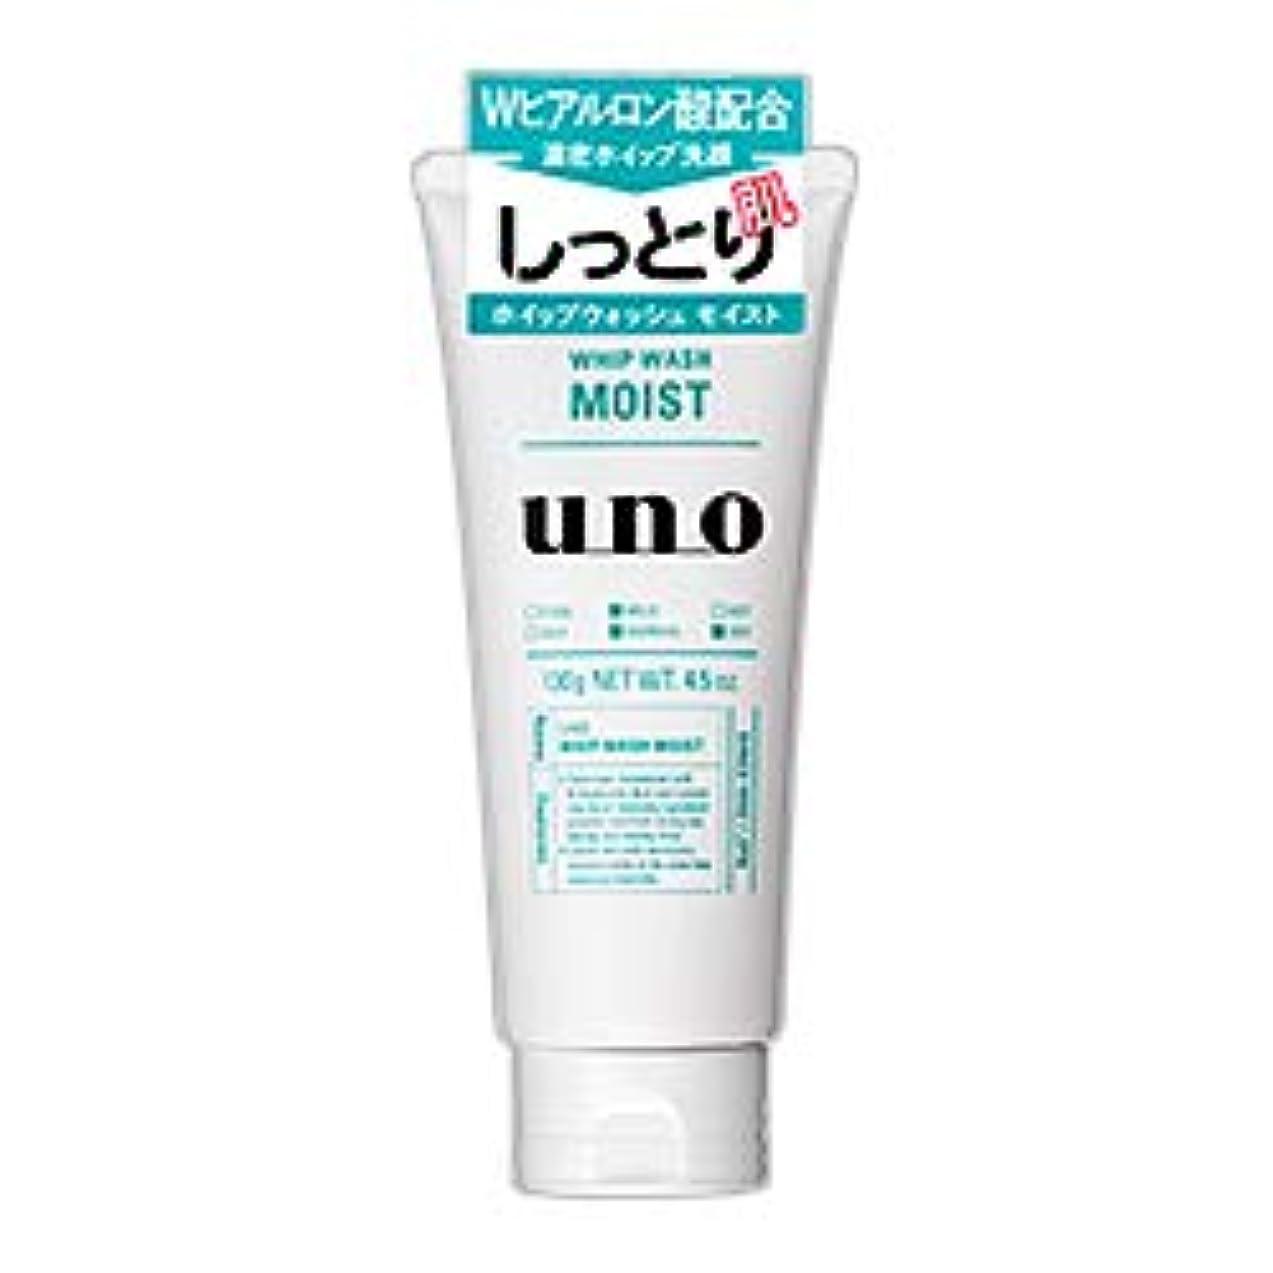 範囲自伝思われる【資生堂】ウーノ(uno) ホイップウォッシュ (モイスト) 130g ×4個セット